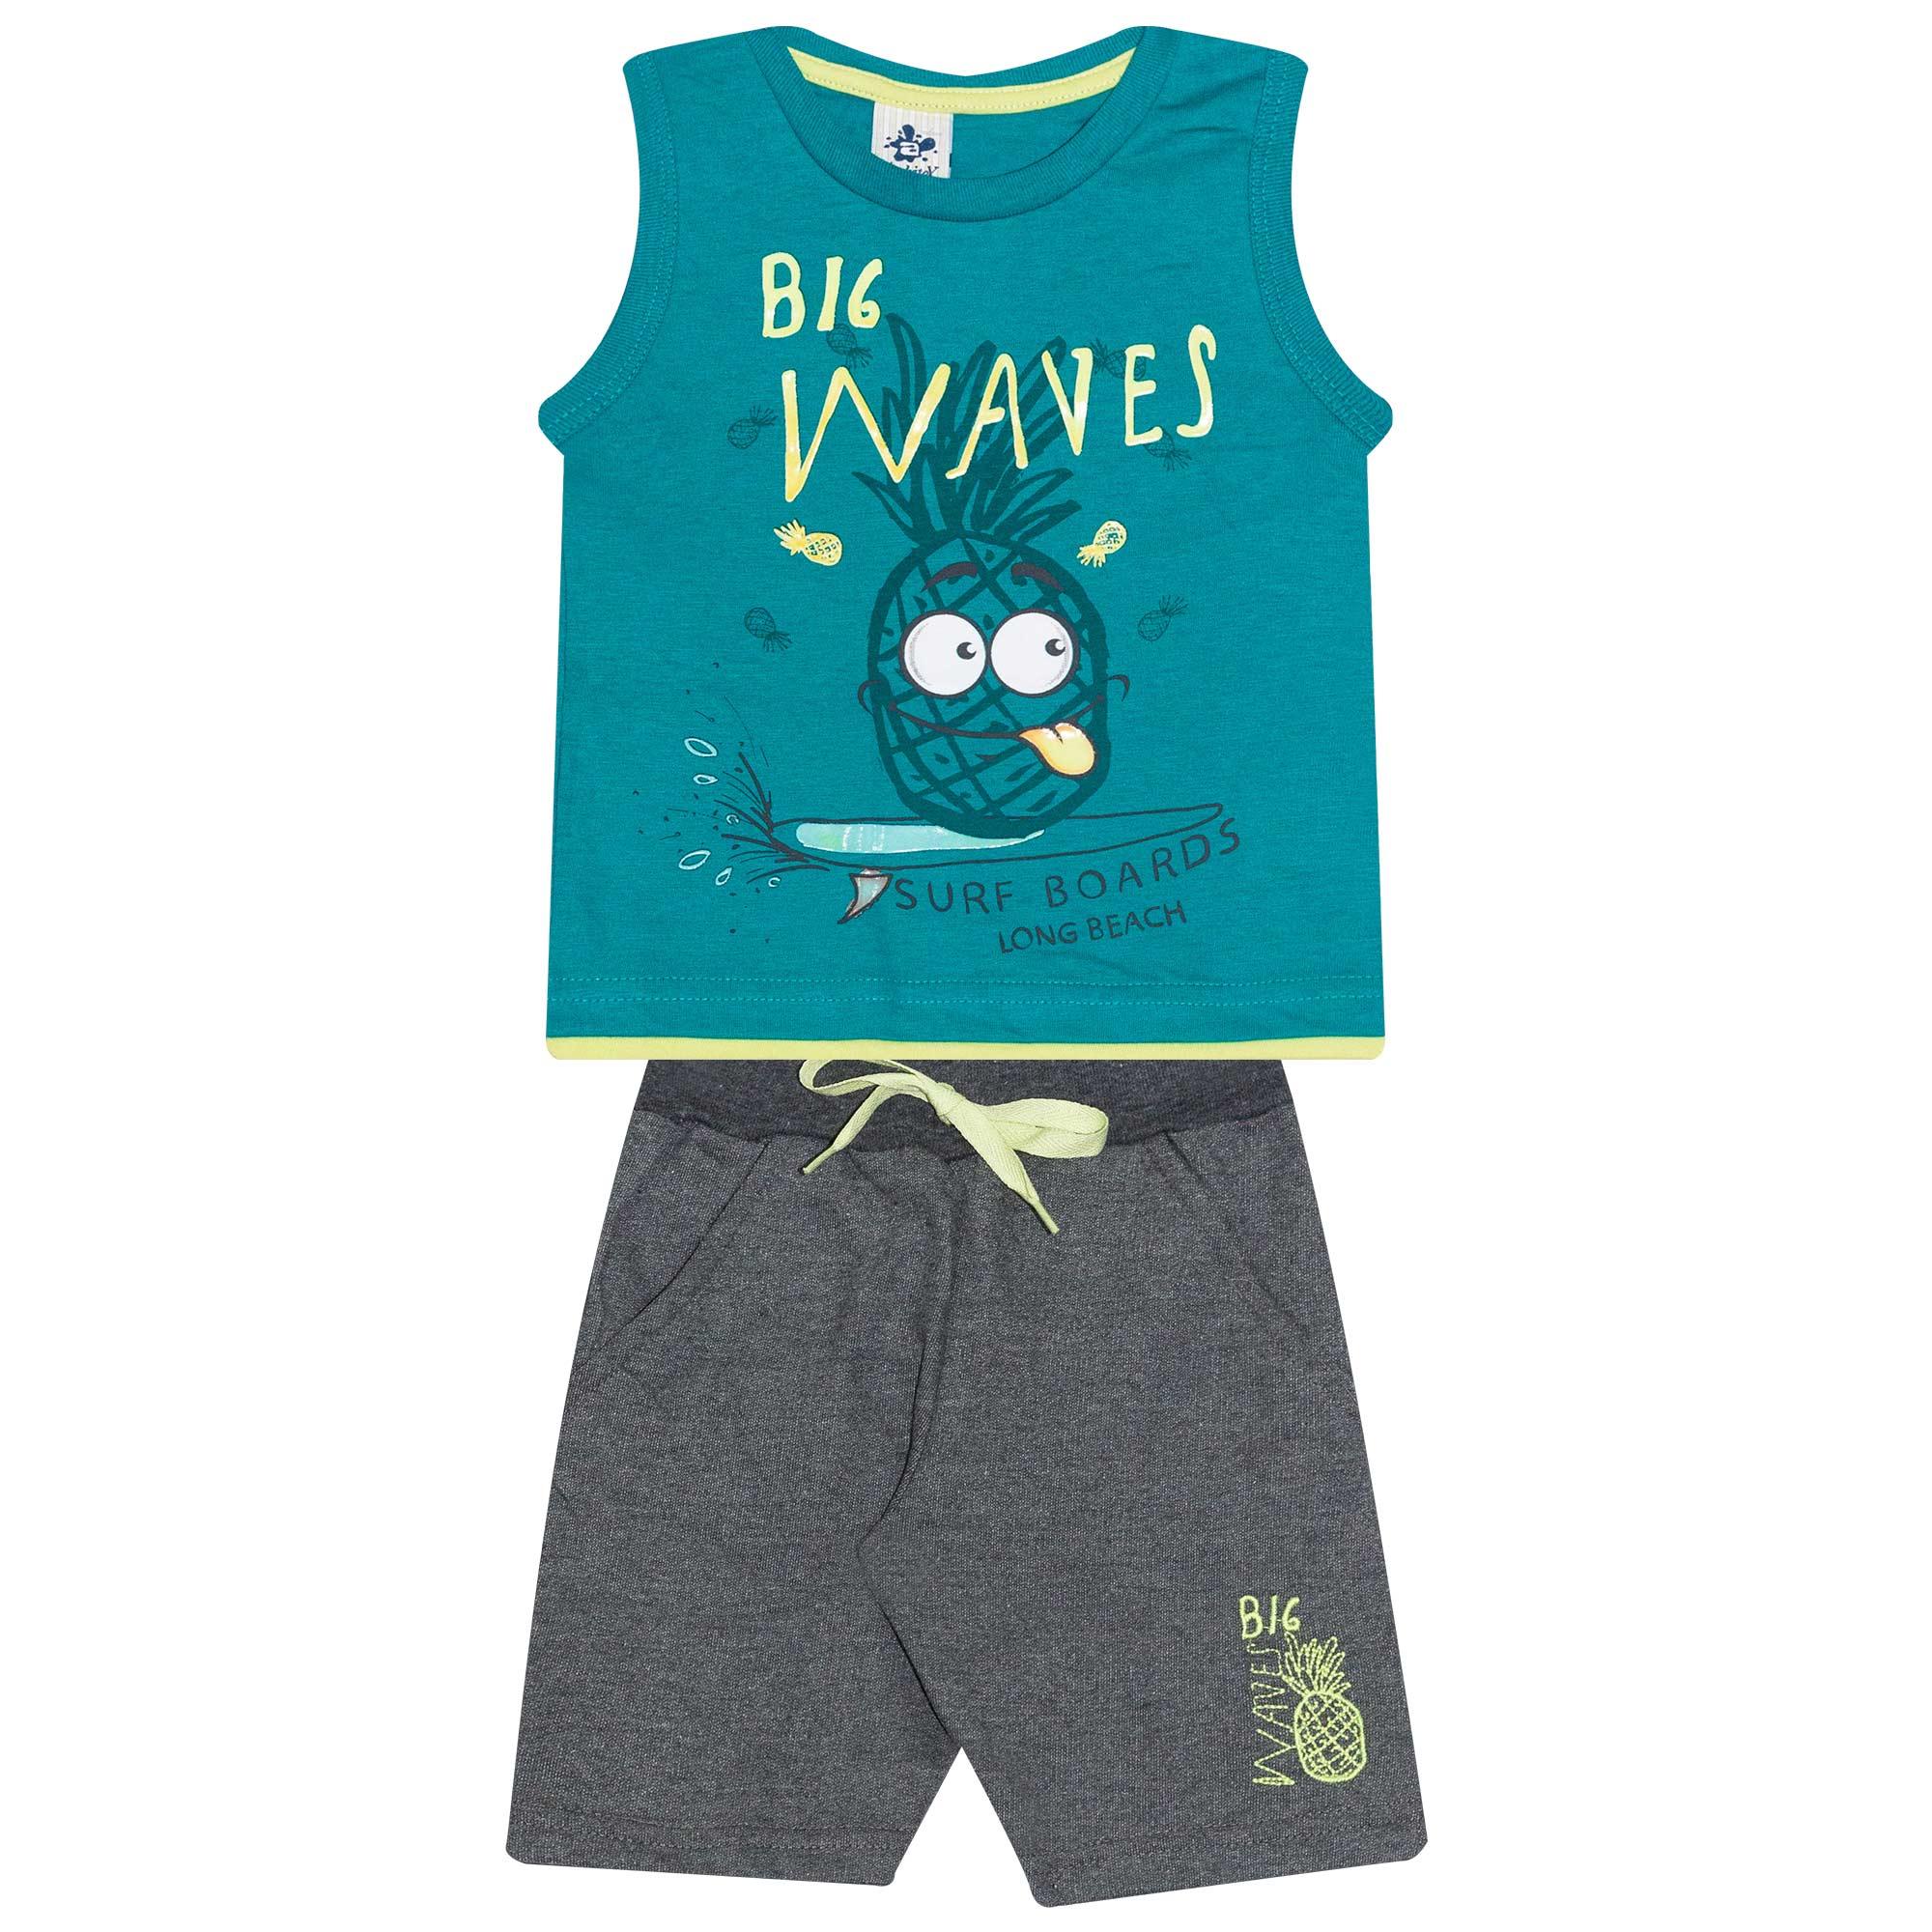 Conjunto Regata Infantil Masculino - Ref 4737  - Verde - Andritex